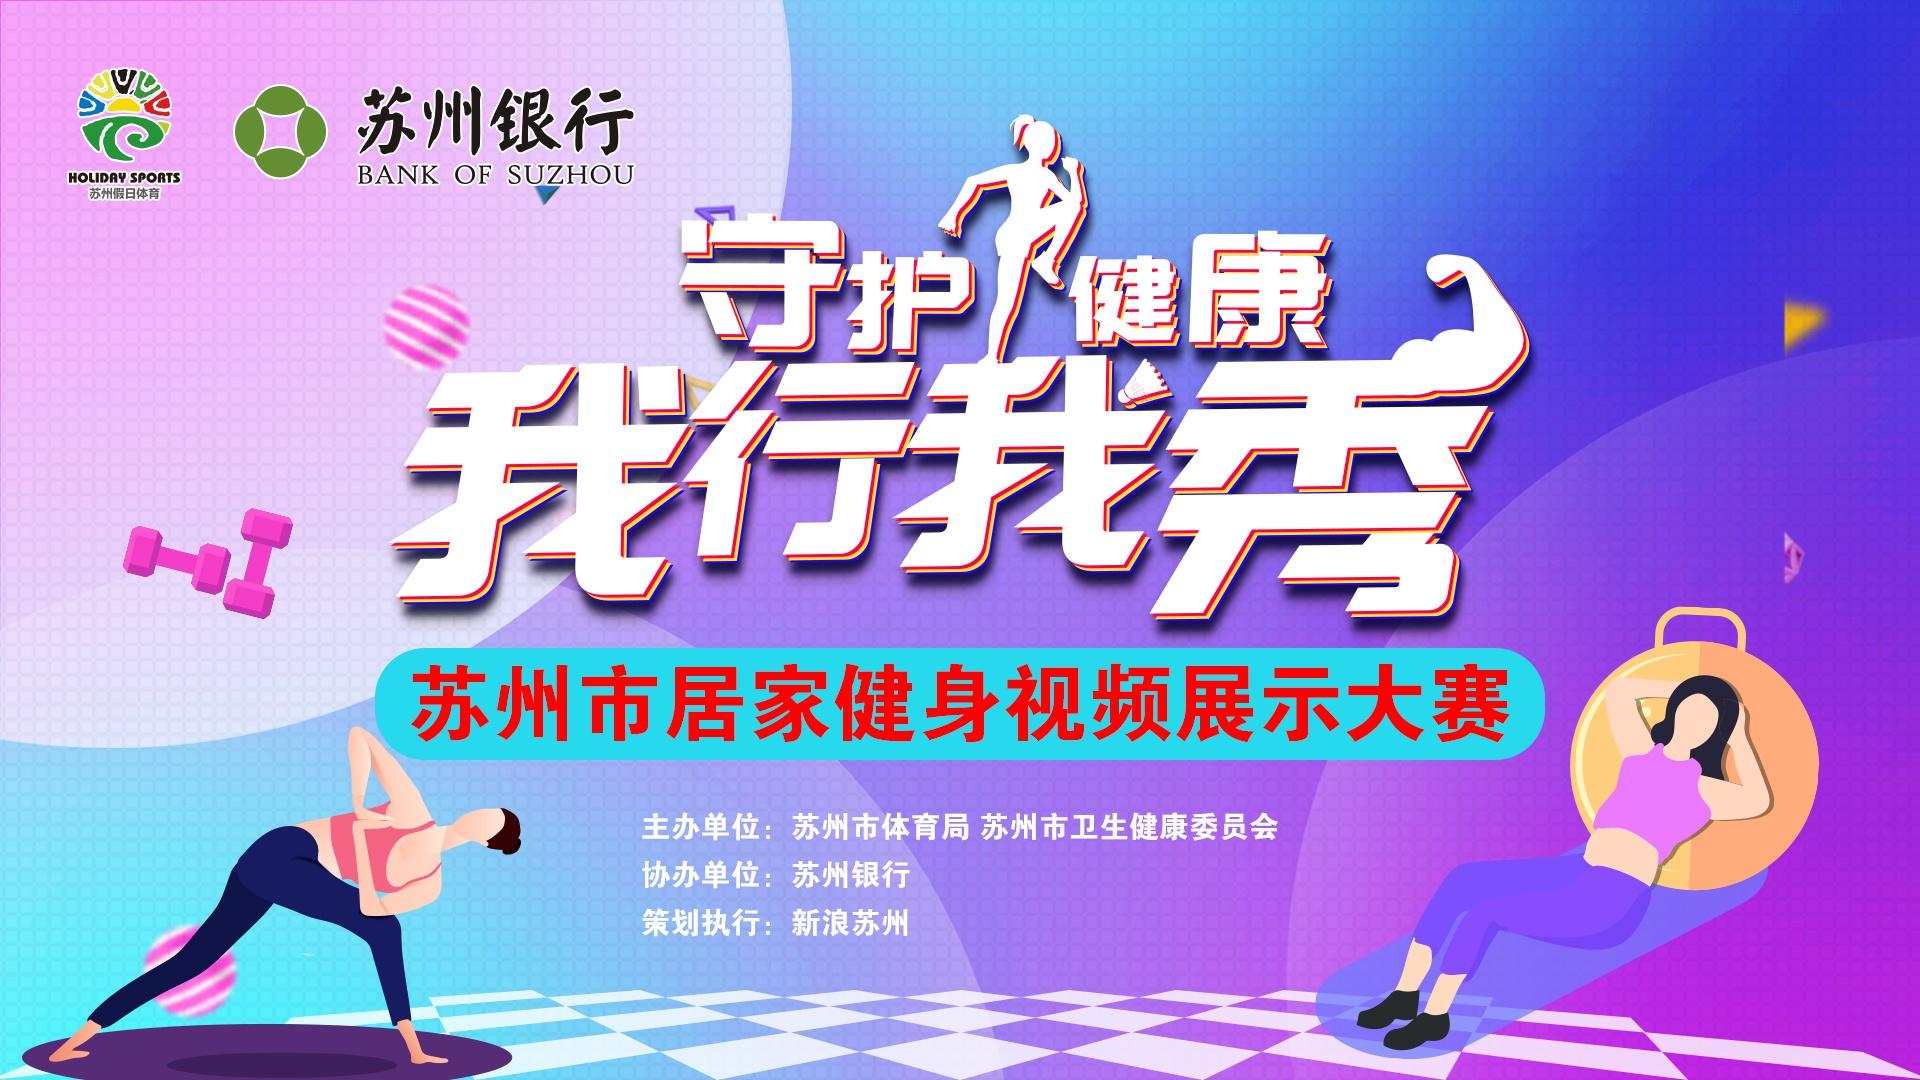 苏州市居家健身视频展示大赛专题页面